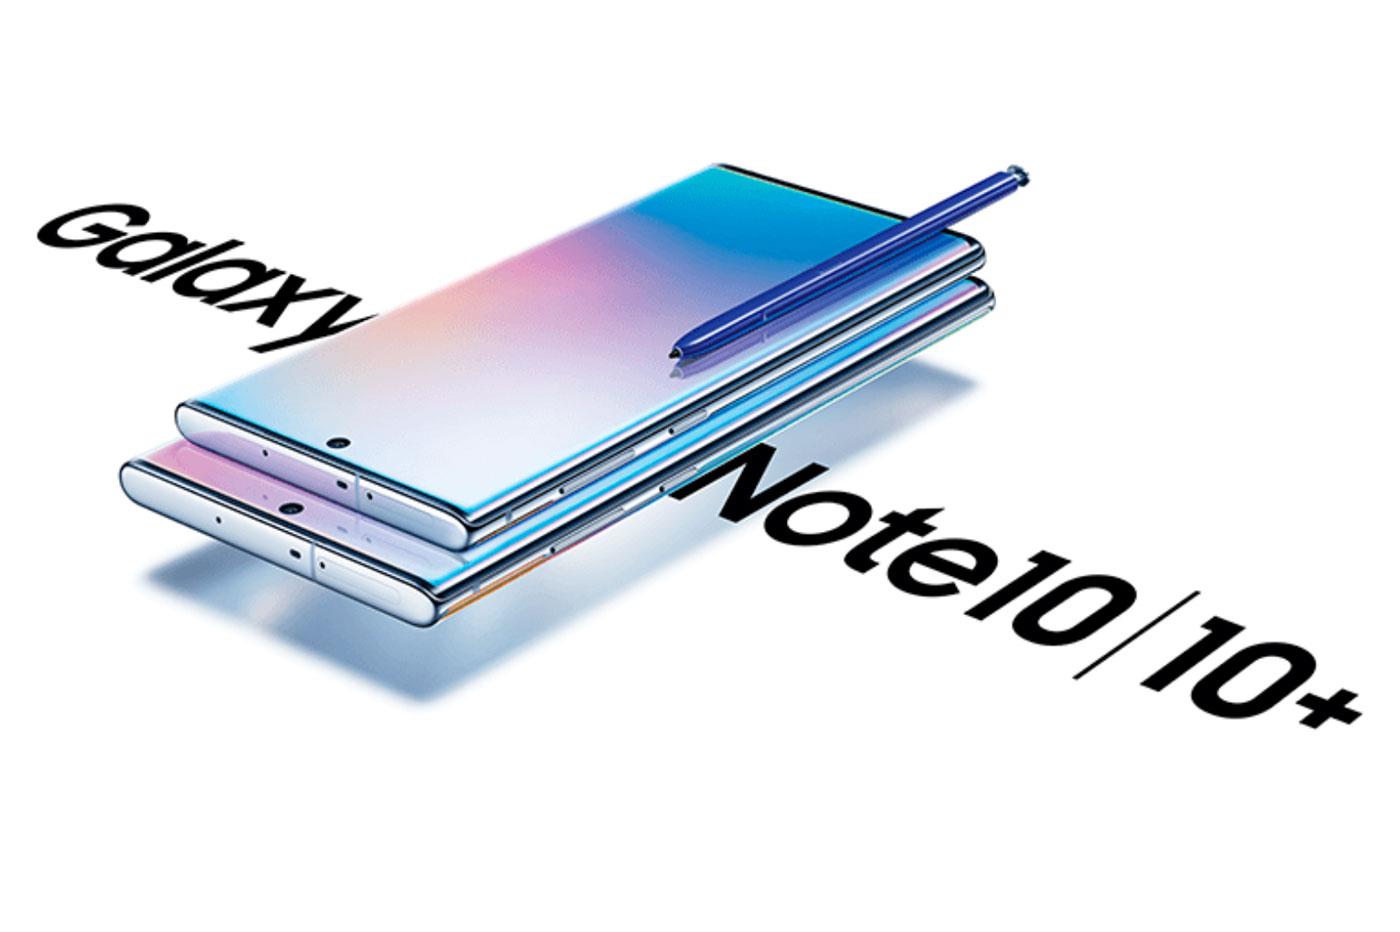 Samsung khó đảm bảo sản xuất smartphone nếu khủng hoảng Nhật - Hàn kéo dài lâu hơn bốn tháng